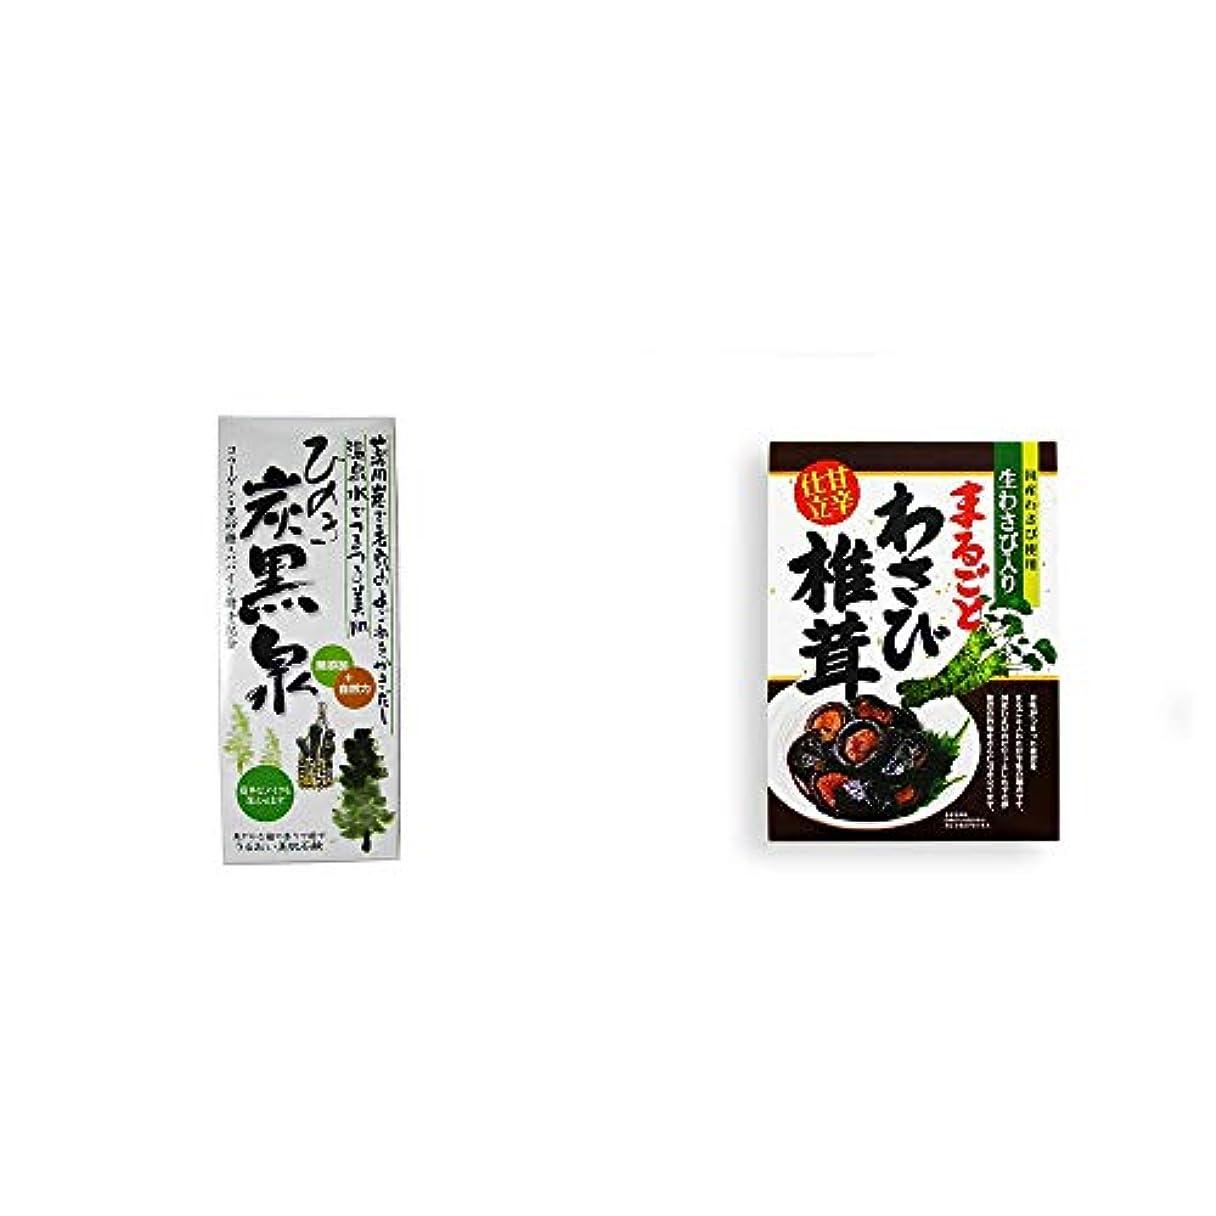 アレイソフィー再撮り[2点セット] ひのき炭黒泉 箱入り(75g×3)?まるごとわさび椎茸(200g)